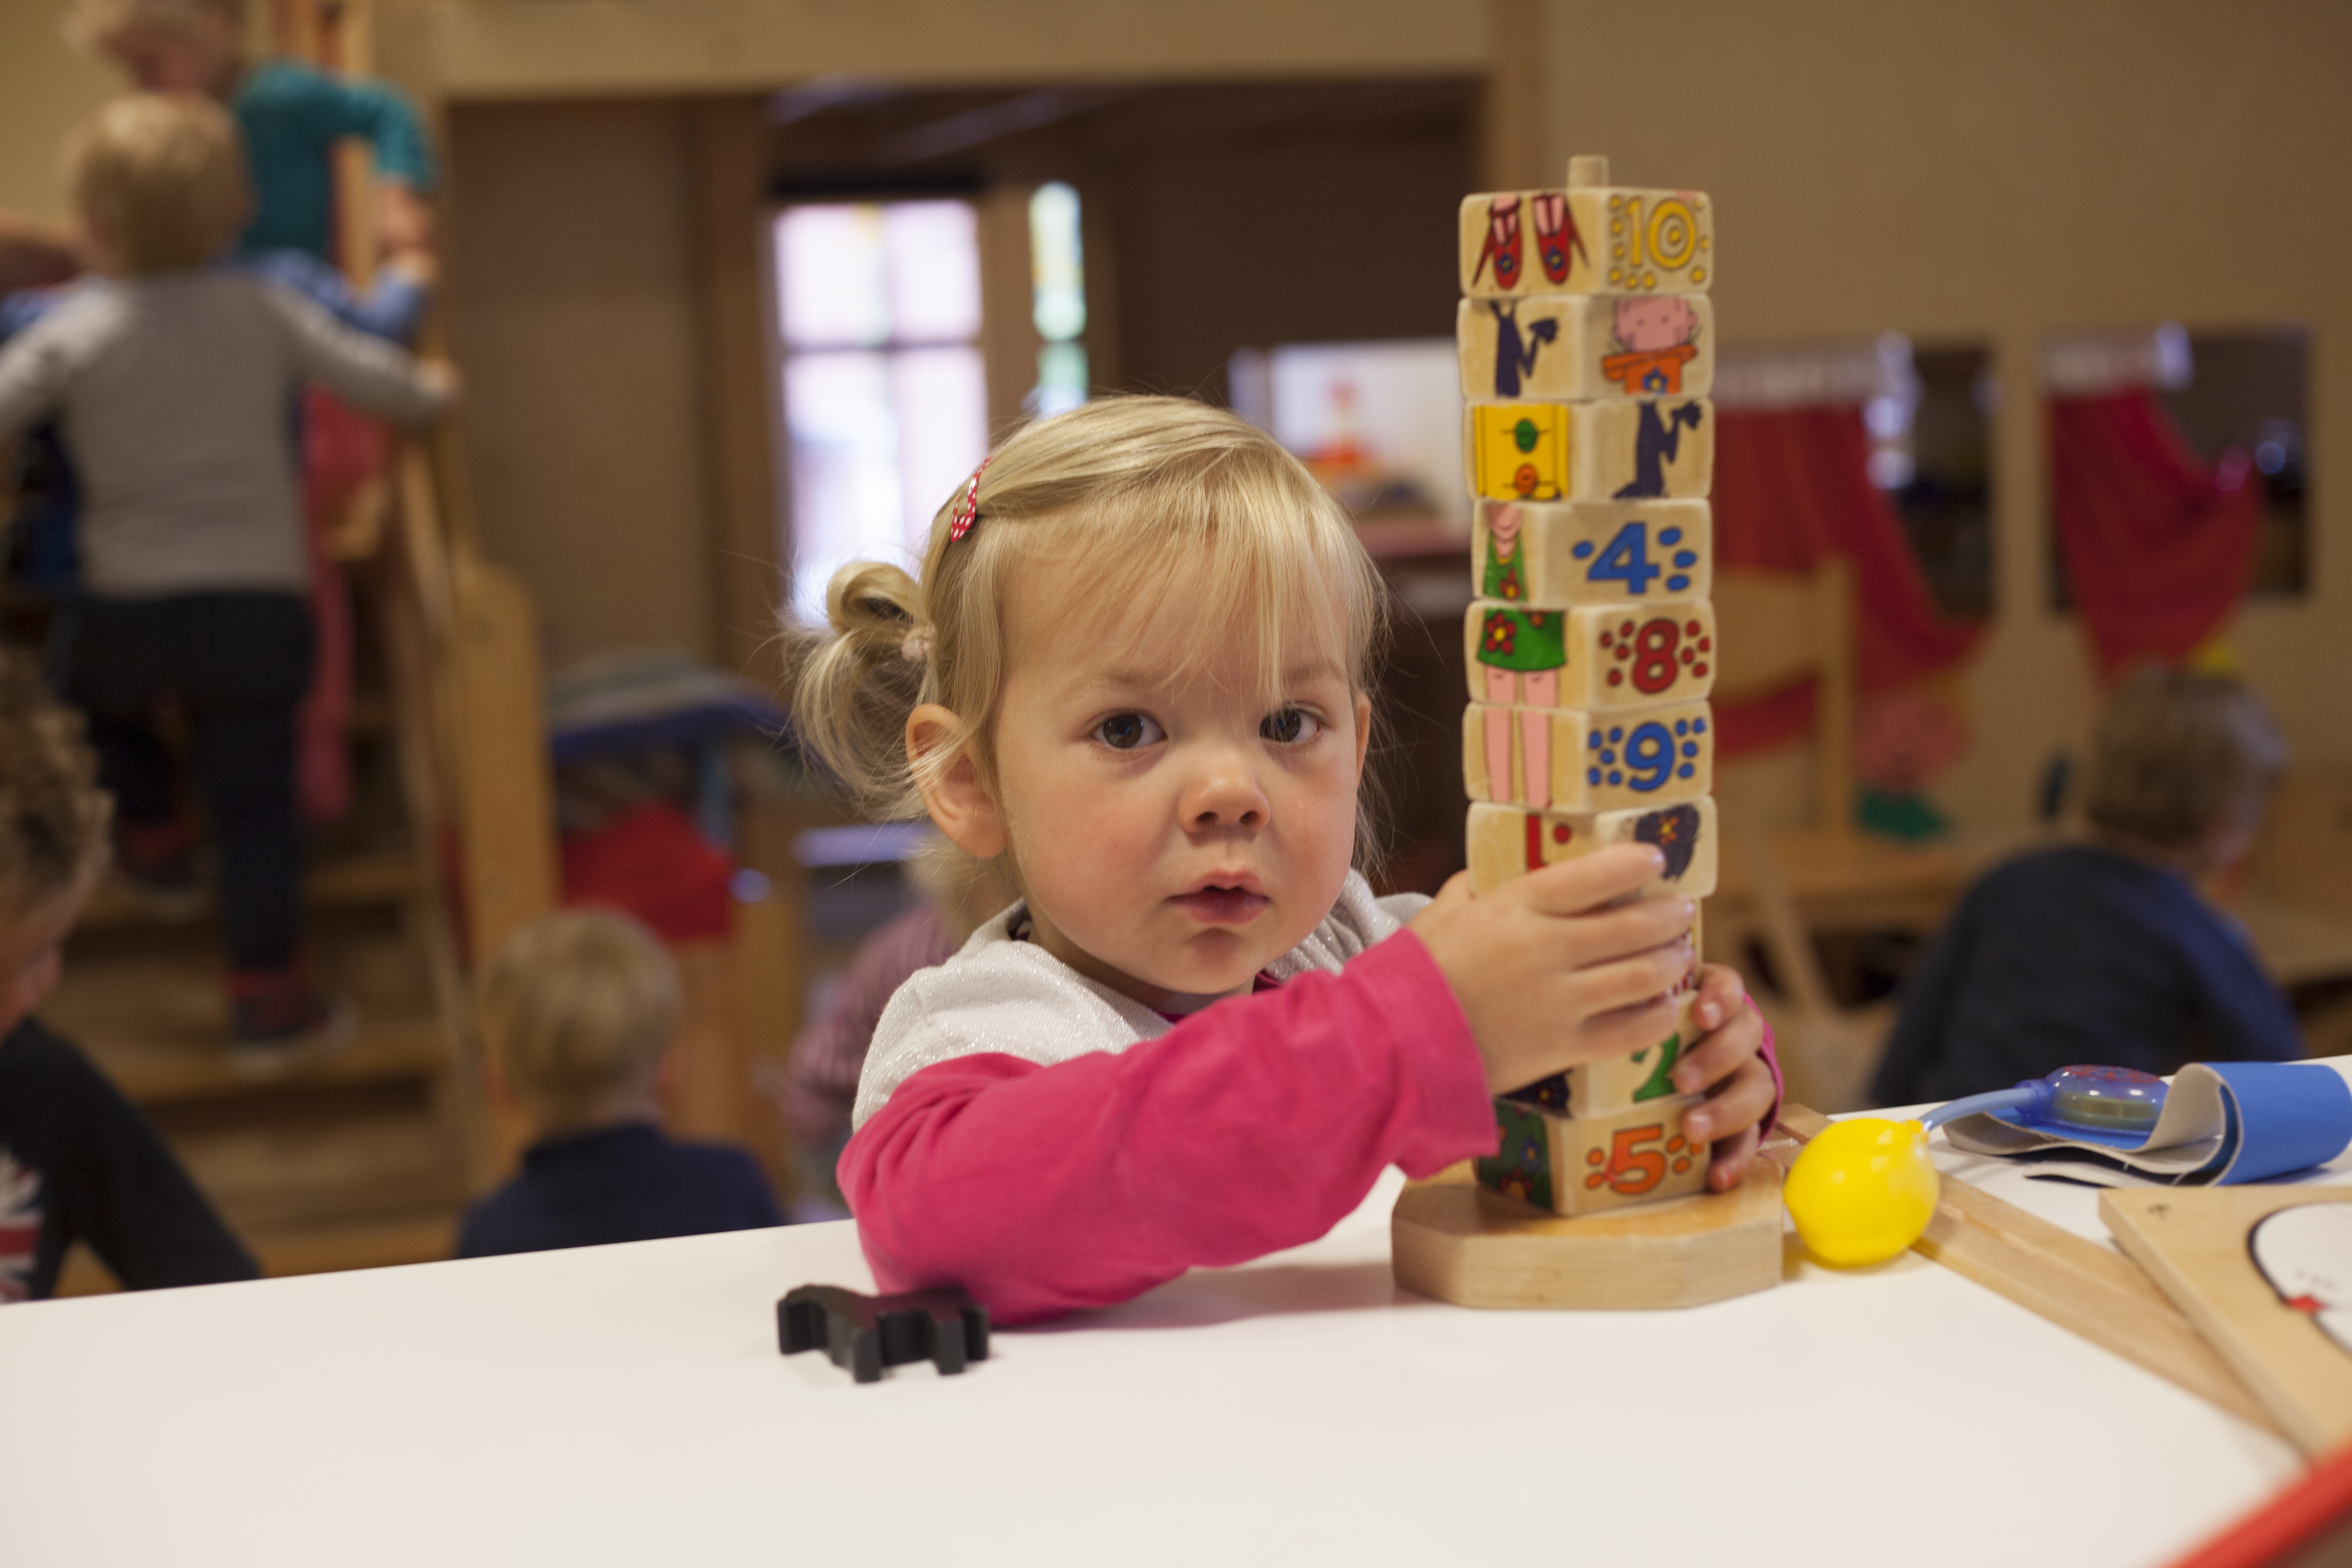 KDV Bovensmilde Drenthe Kids First COP groep kinderdagverblijf dagopvang